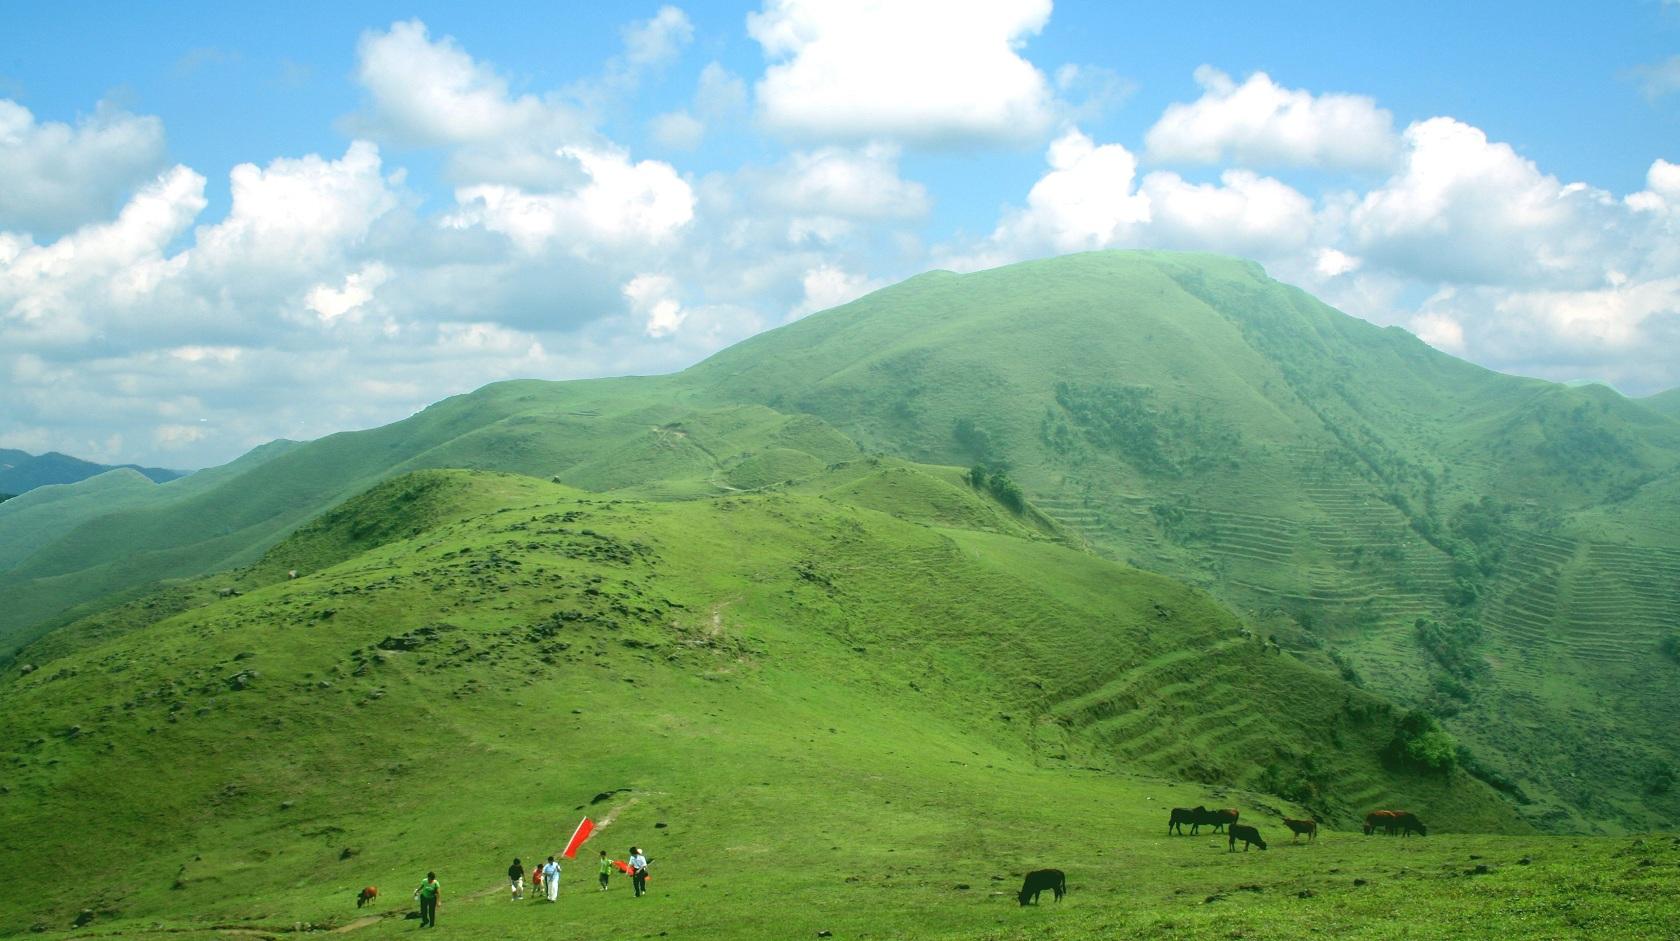 Tianma Mountain Ecotourism Resort